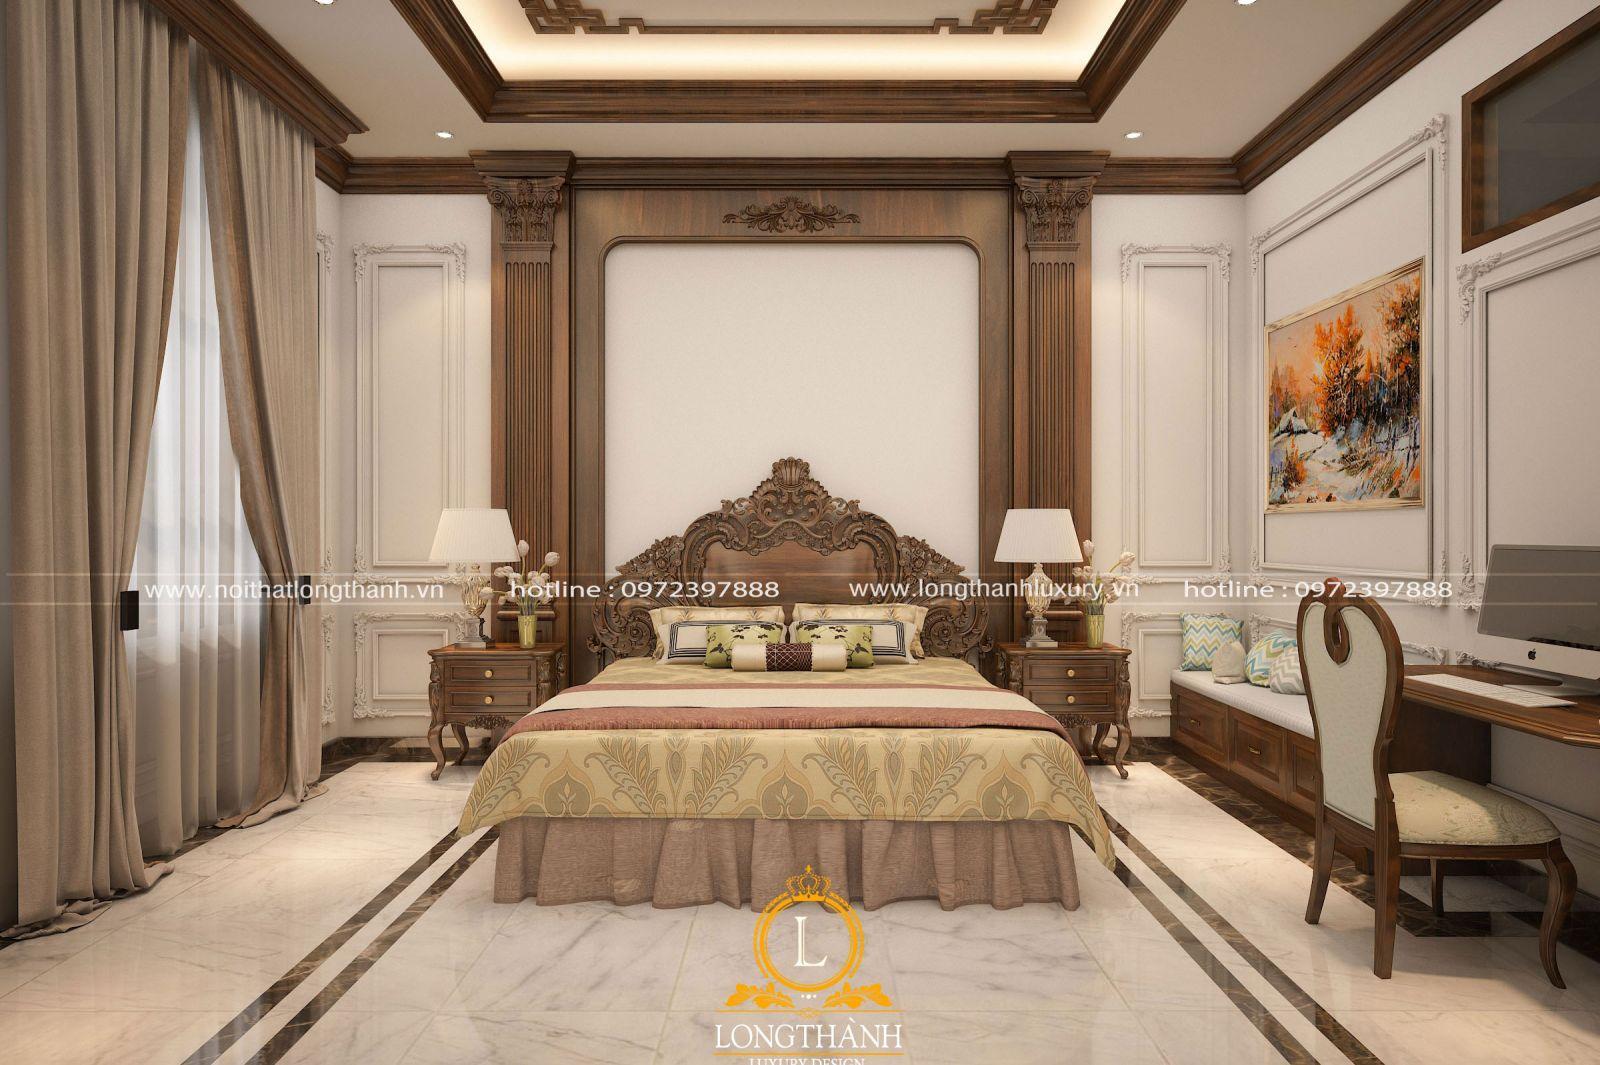 Phòng ngủ tân cổ điển đẹp với gam màu nâu độc đáo